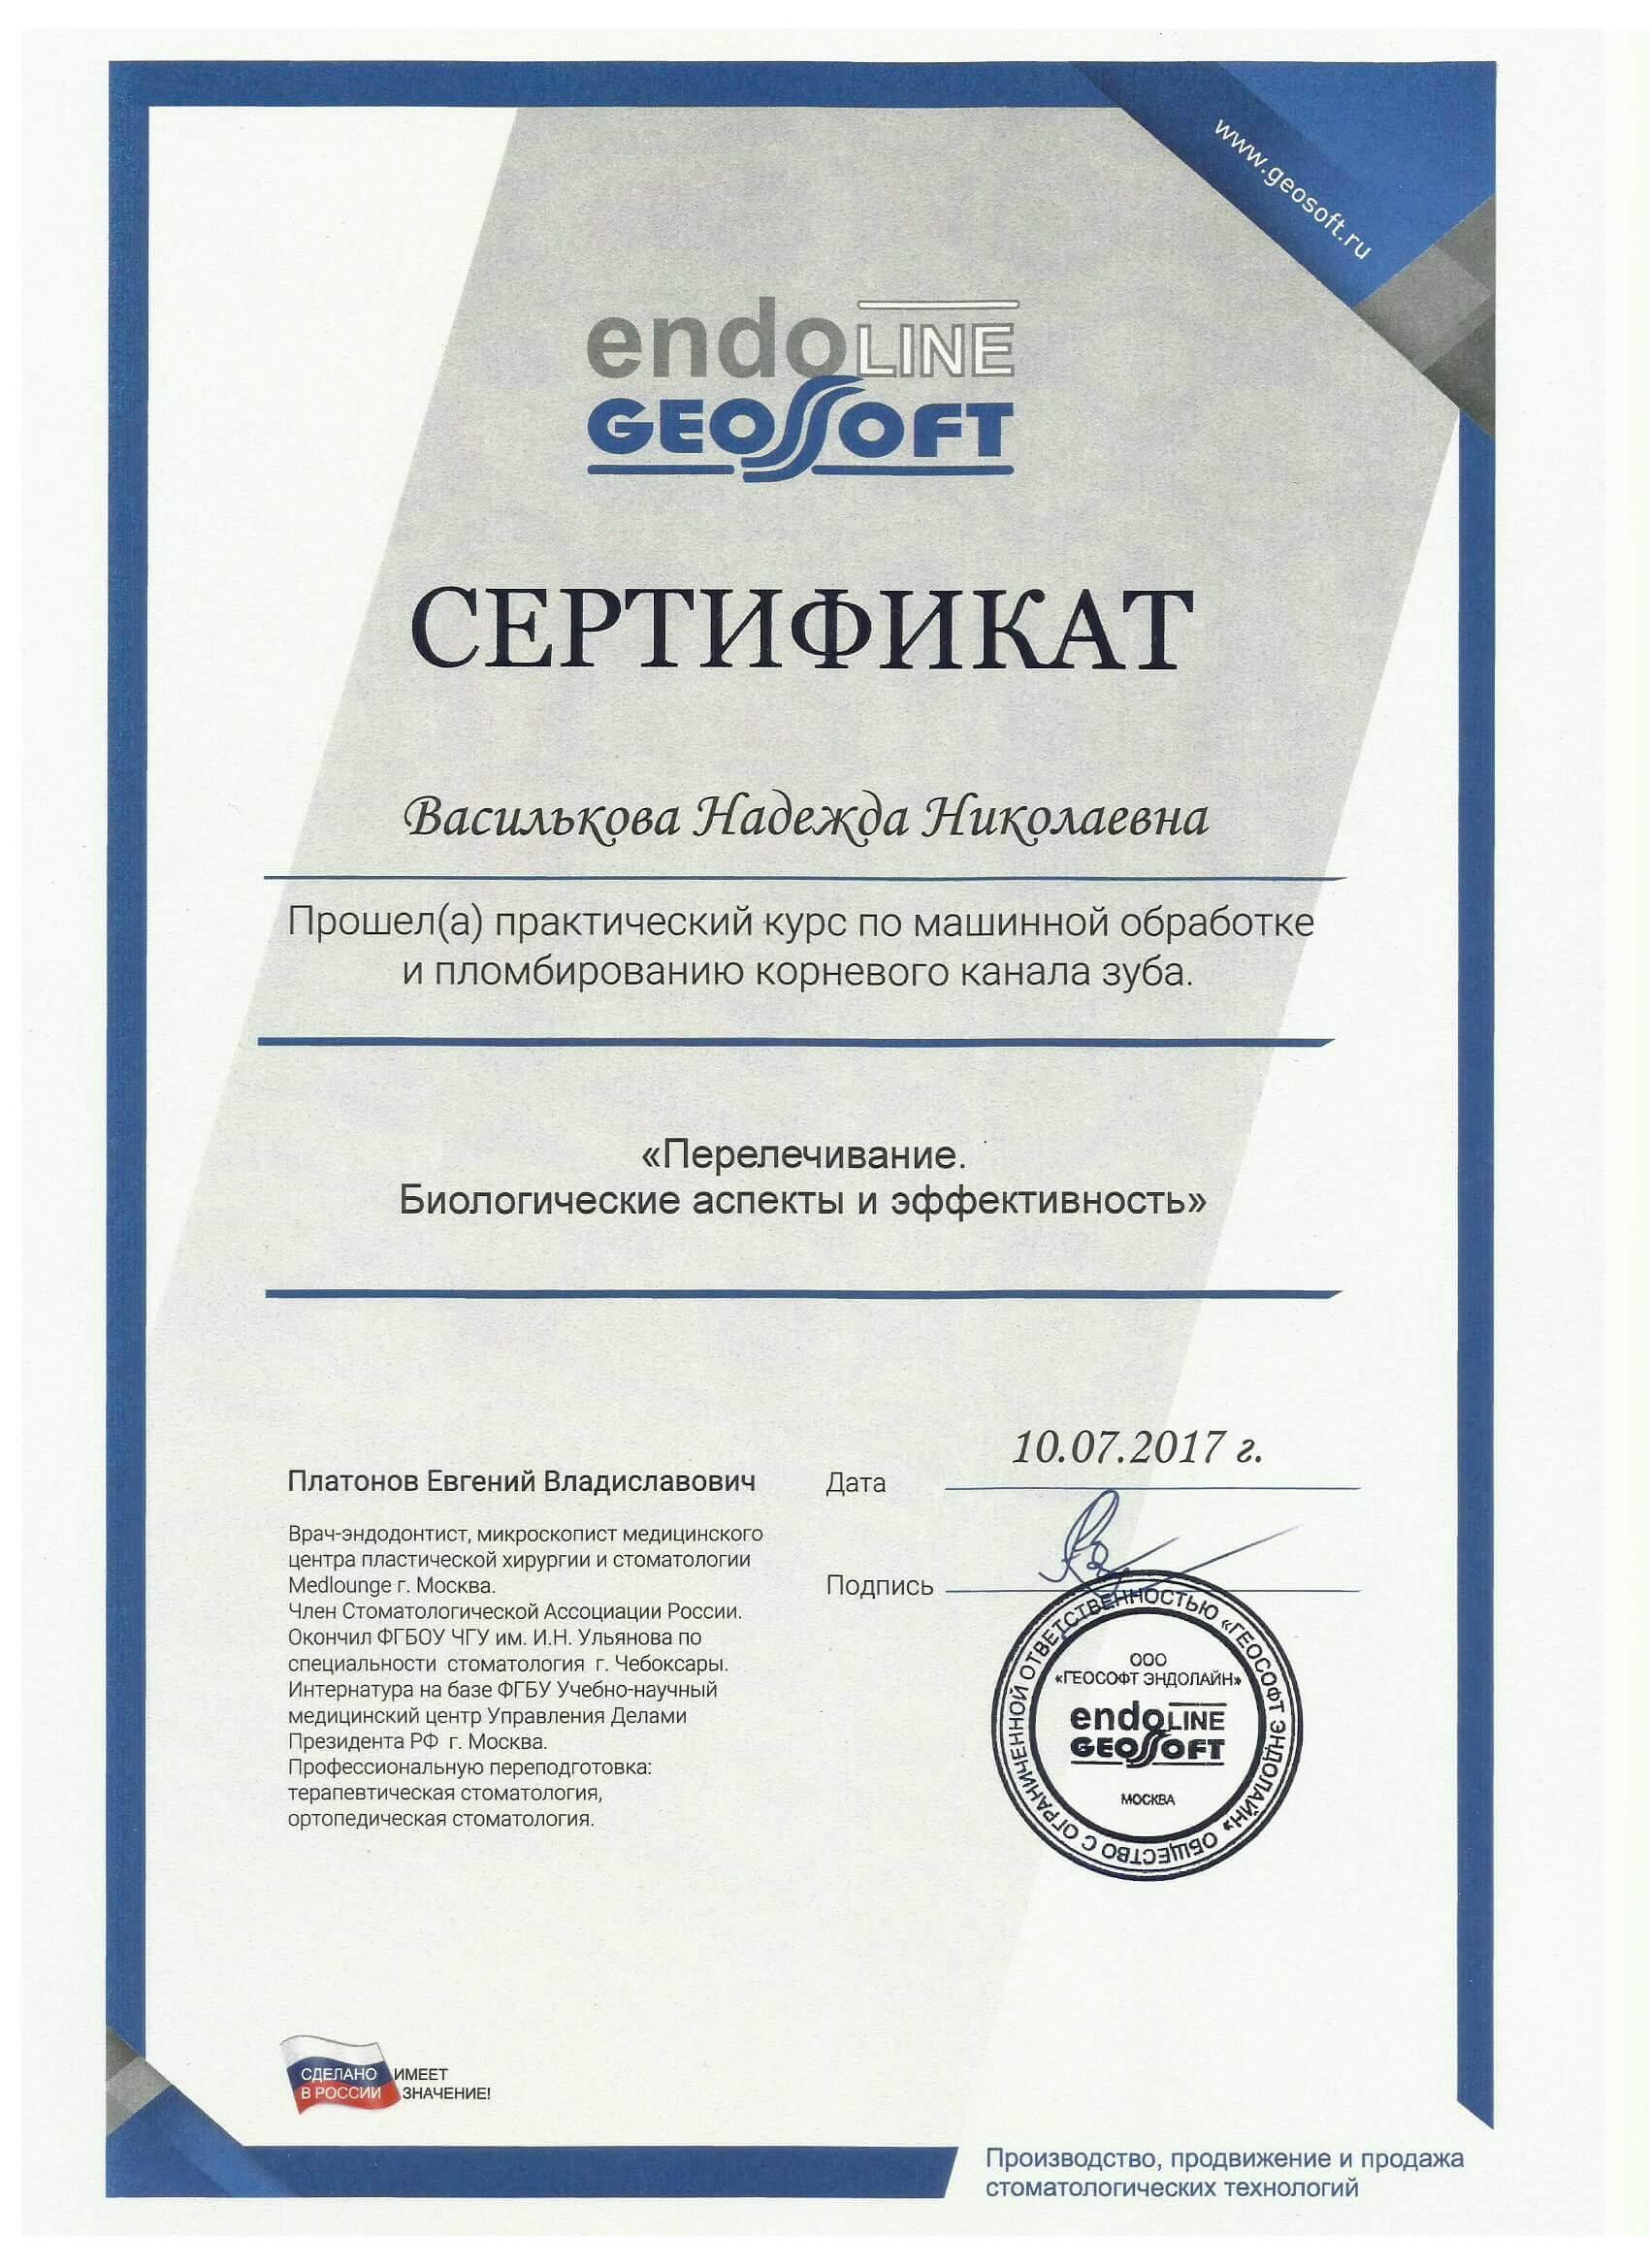 Сертификат от 10.07.2017